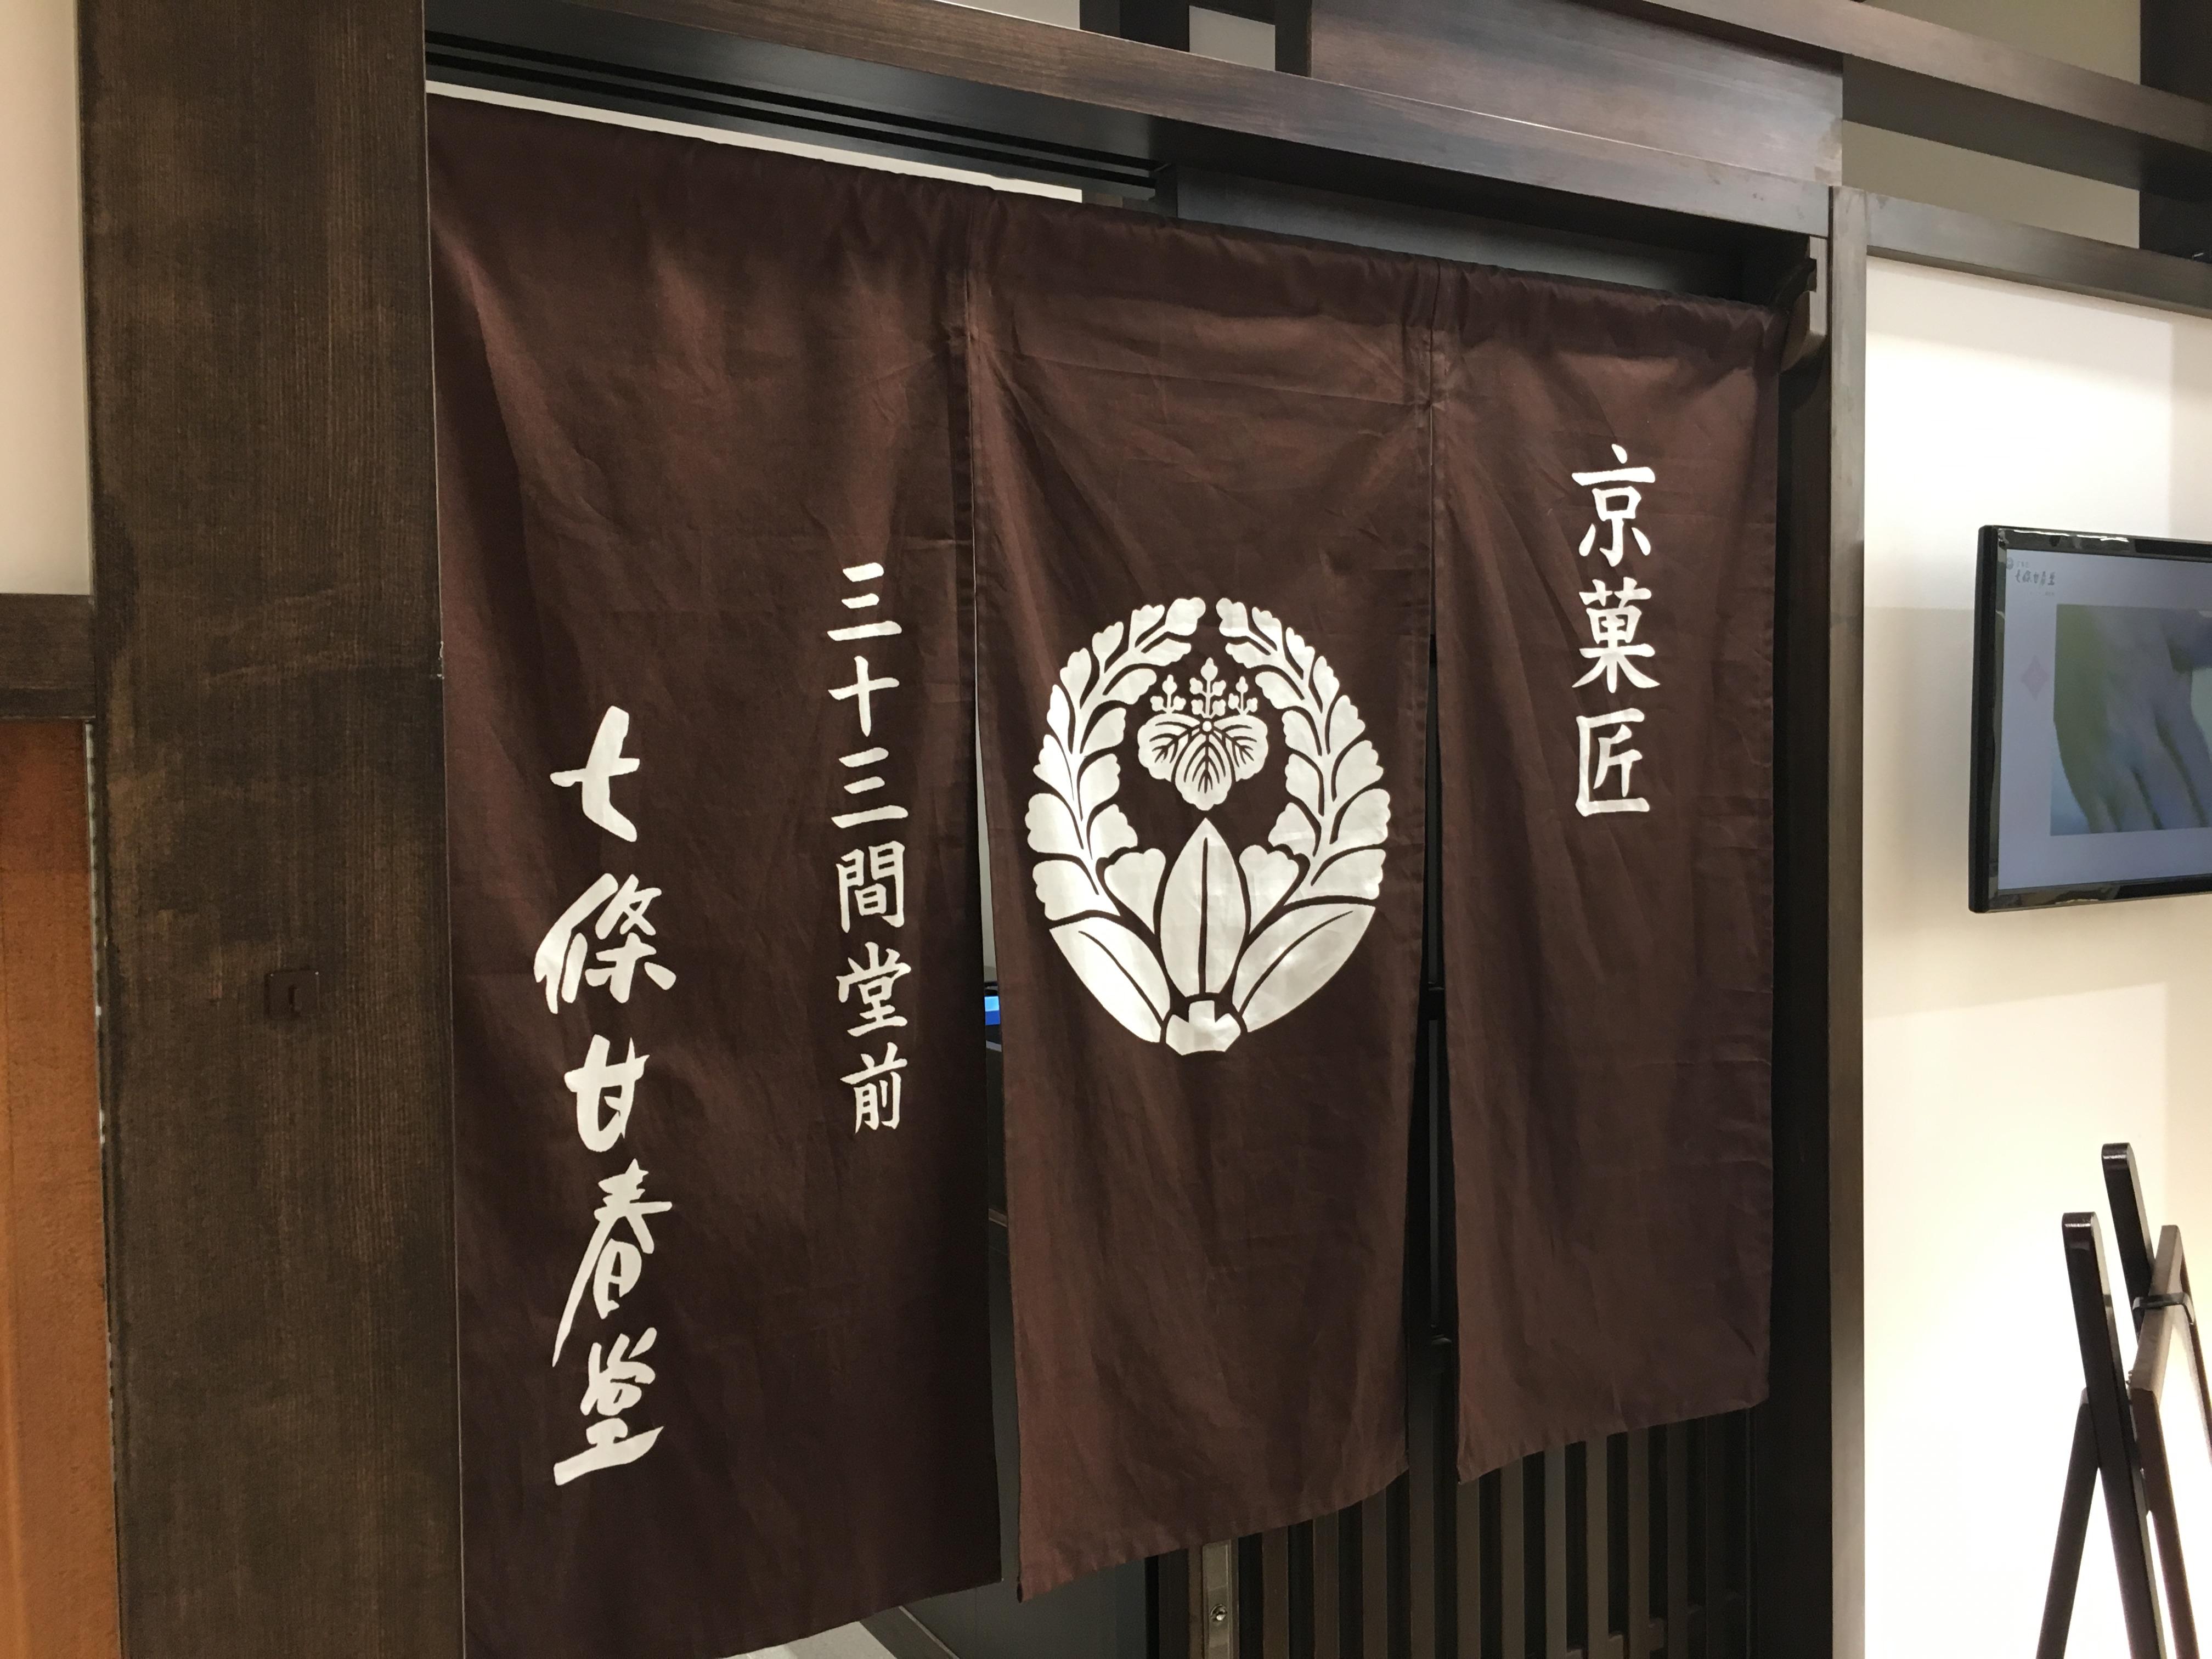 京都の老舗和菓子「七條甘春堂」の生菓子手作り体験は本当におすすめ!